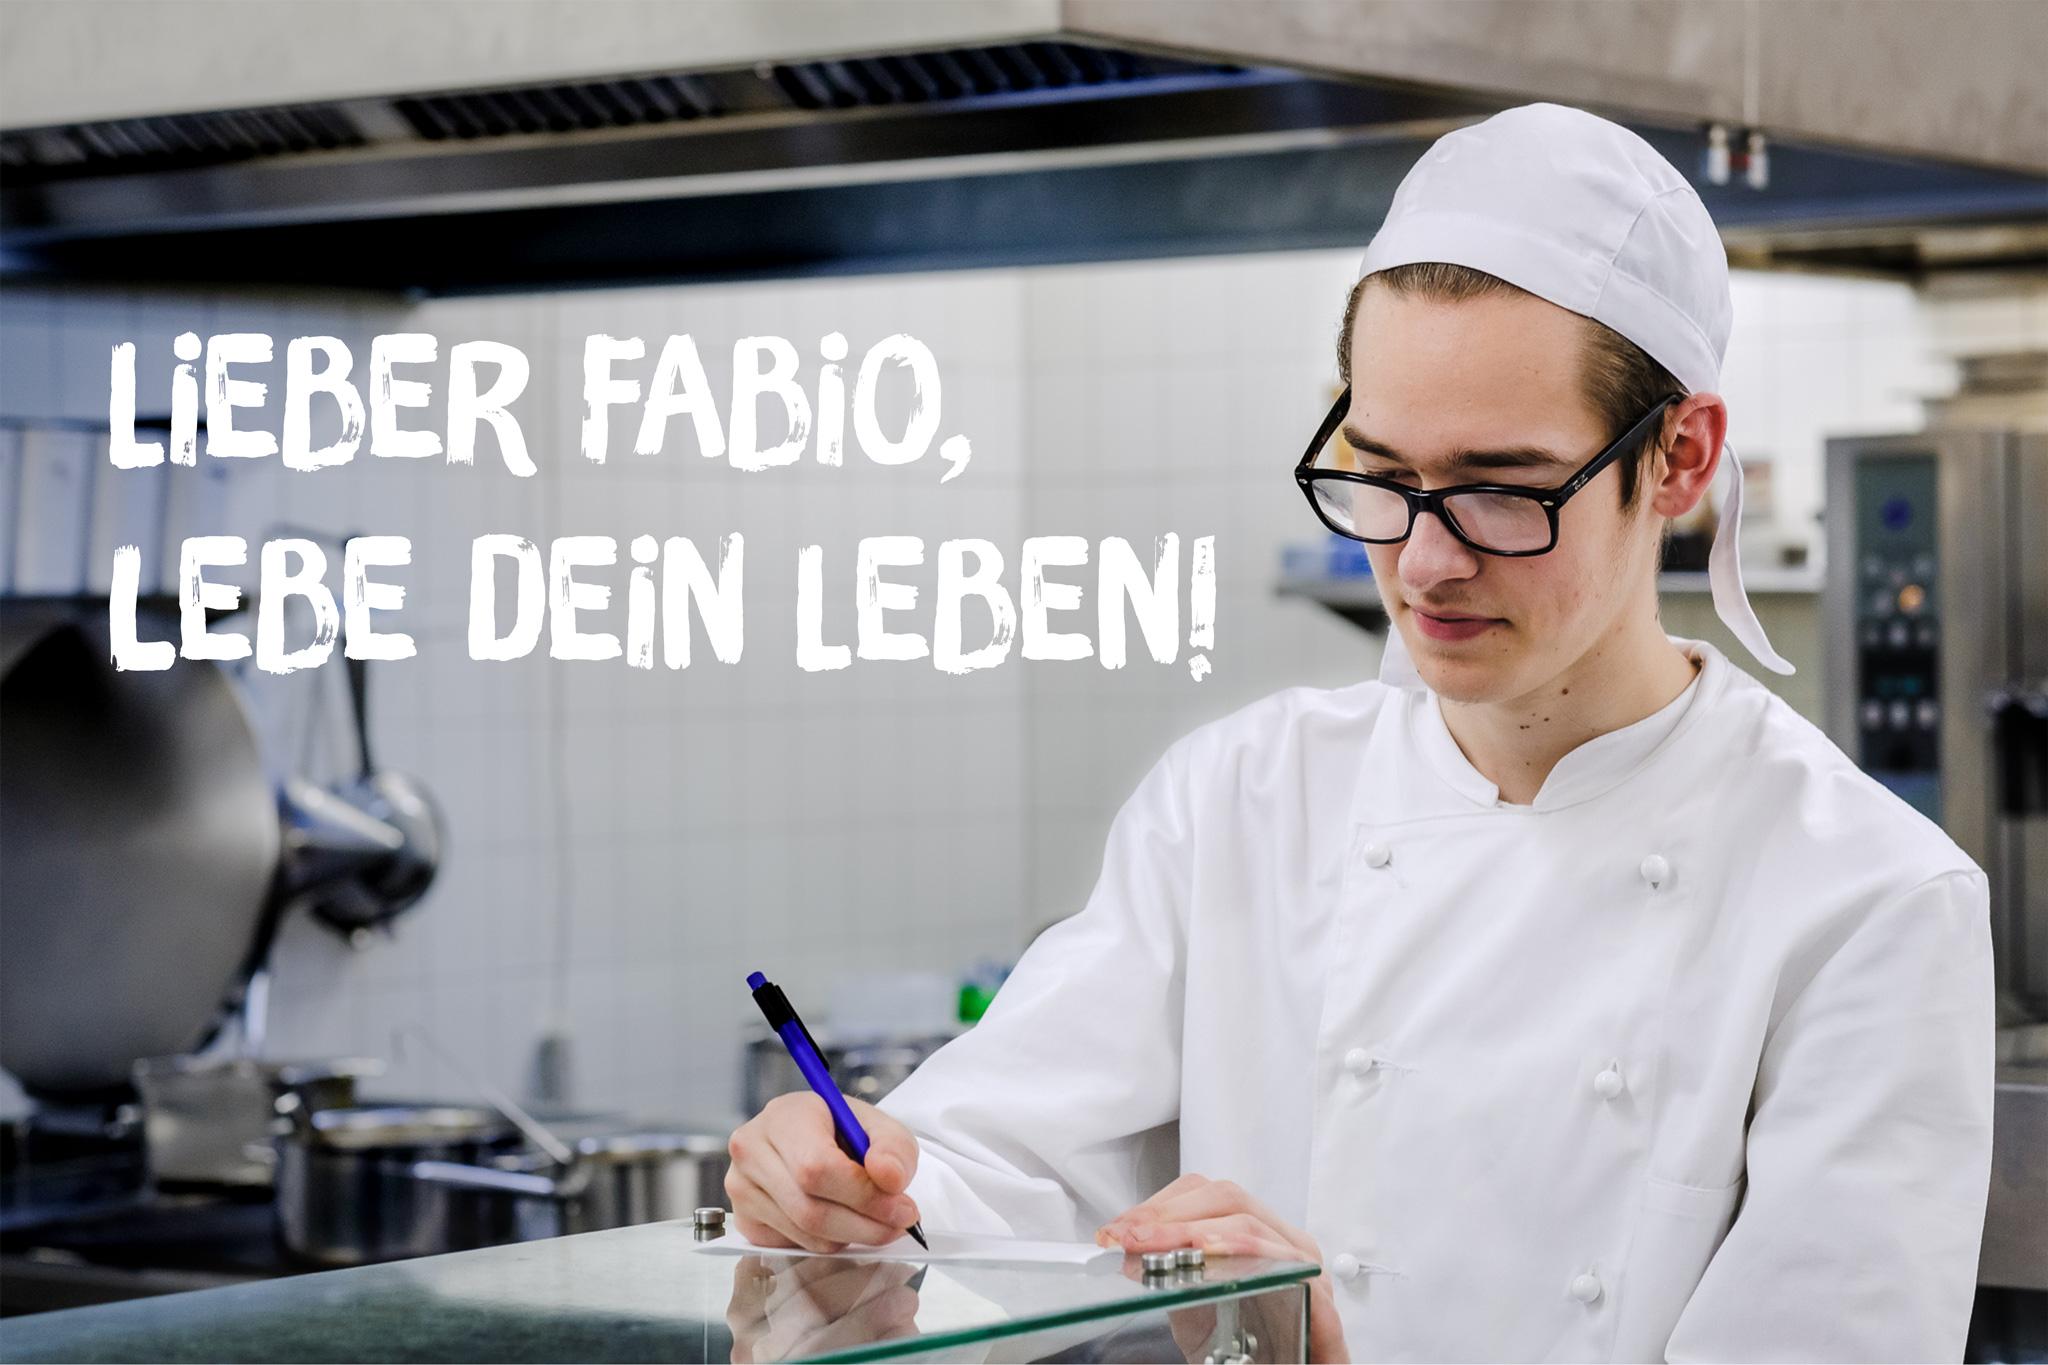 """Fabio schreibt in der Küche etwas auf einen Zettel. In Schrift steht daneben: """"Lieber Fabio, lebe dein Leben!"""""""